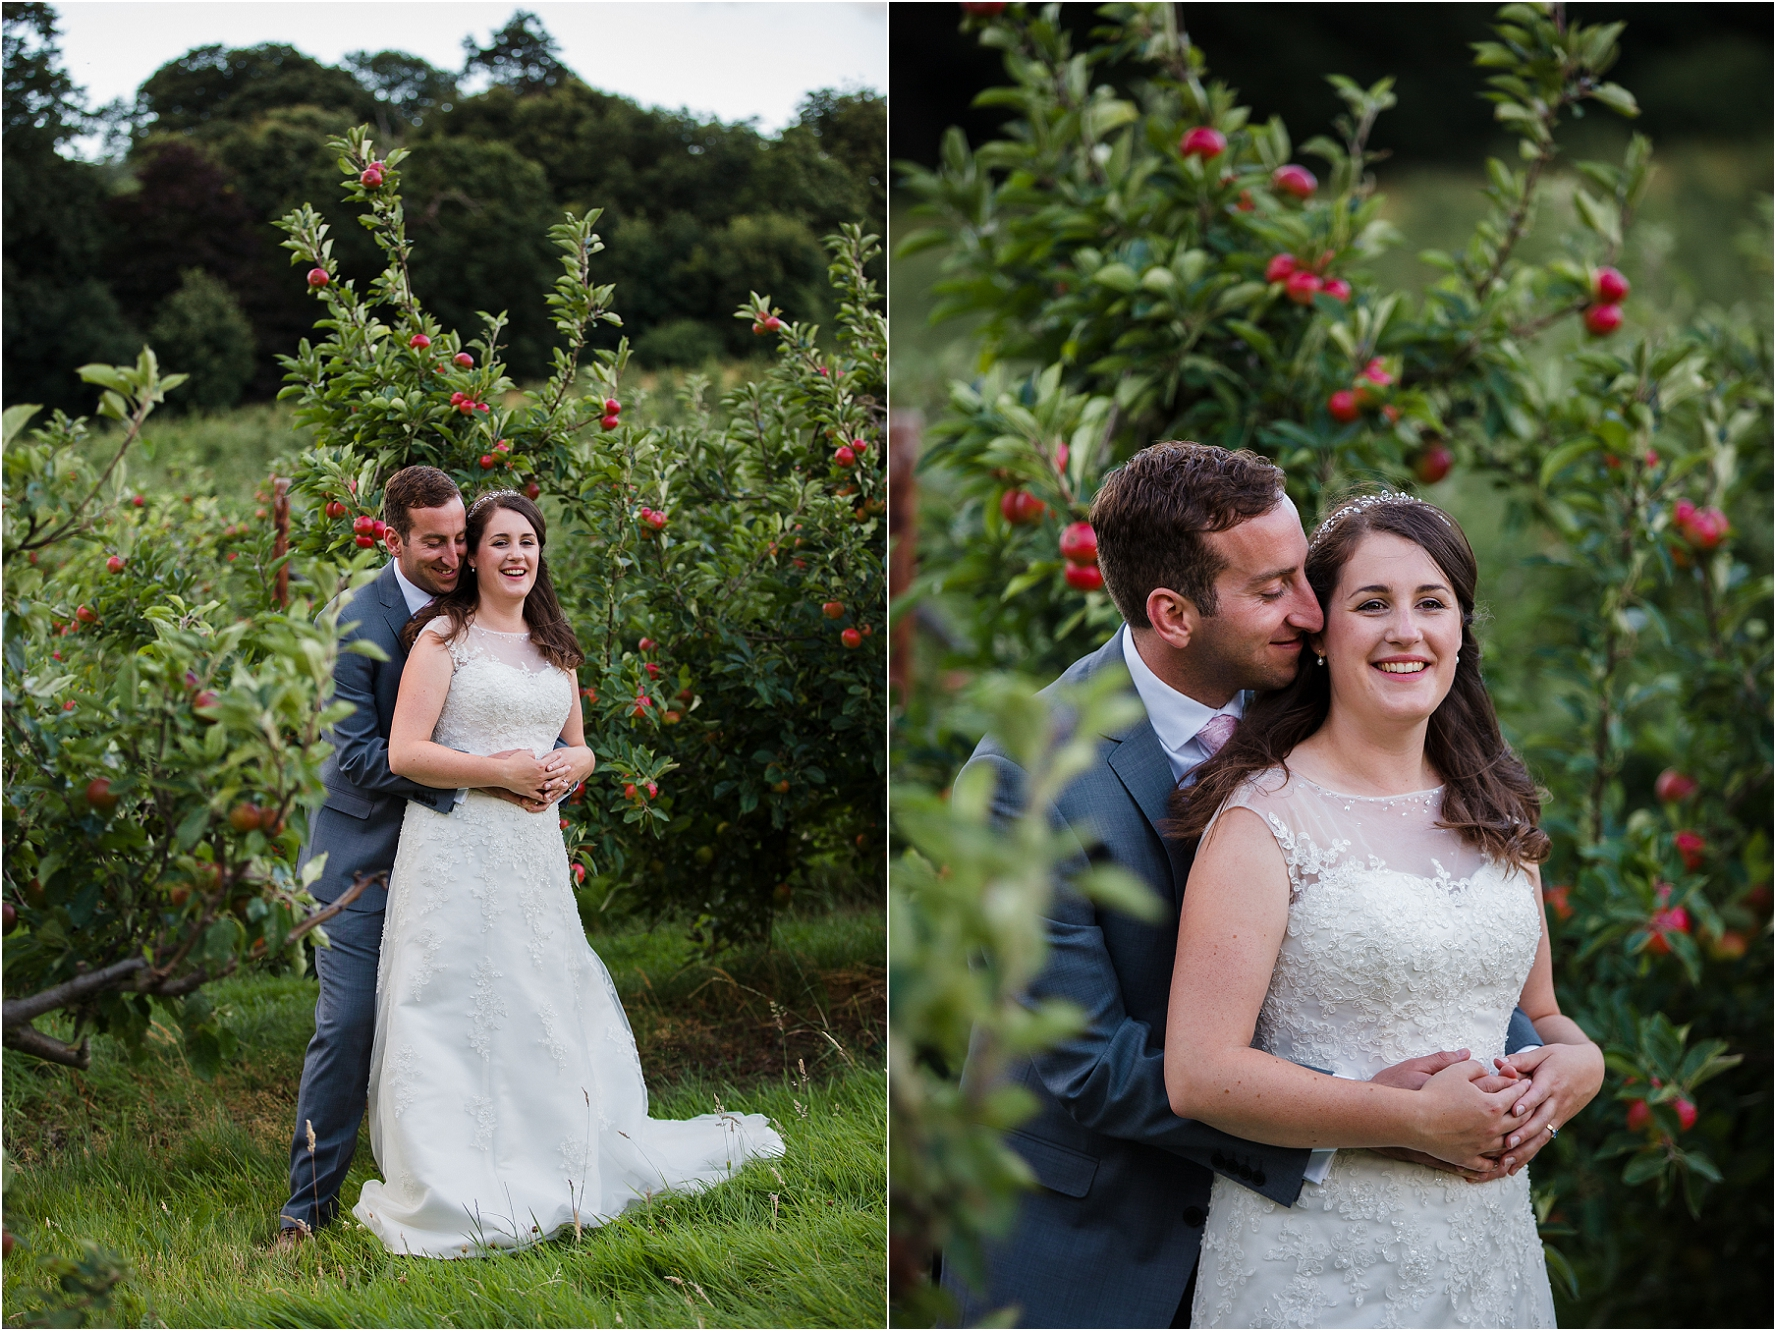 wedding-photography-norwood-park_0071